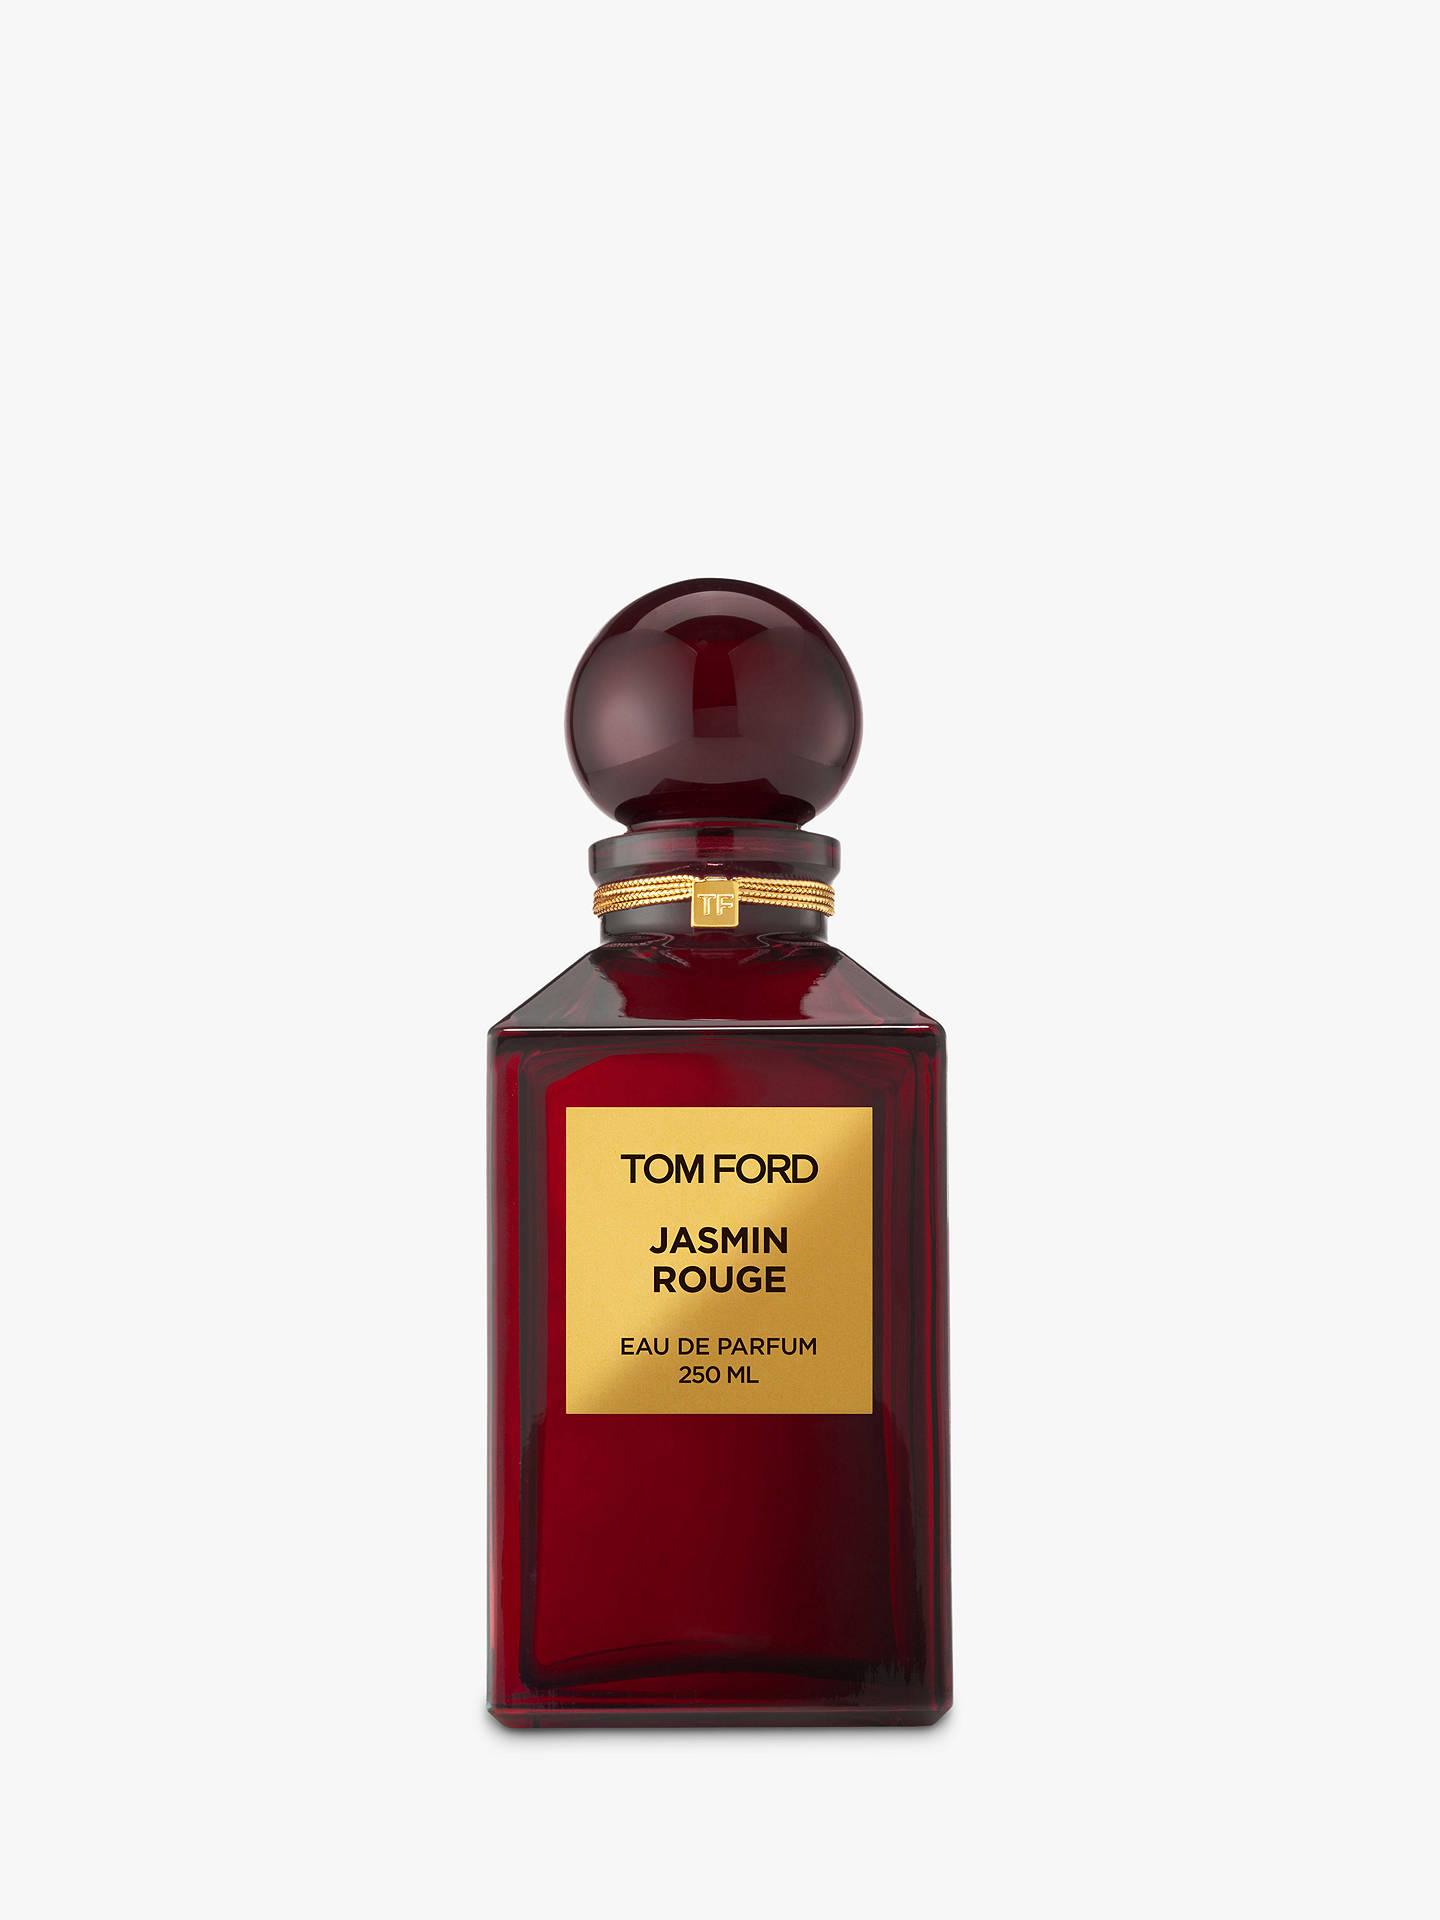 Private Tom Eau Ford Jasmin Rouge De Blend Parfum250ml Pk0OnwX8